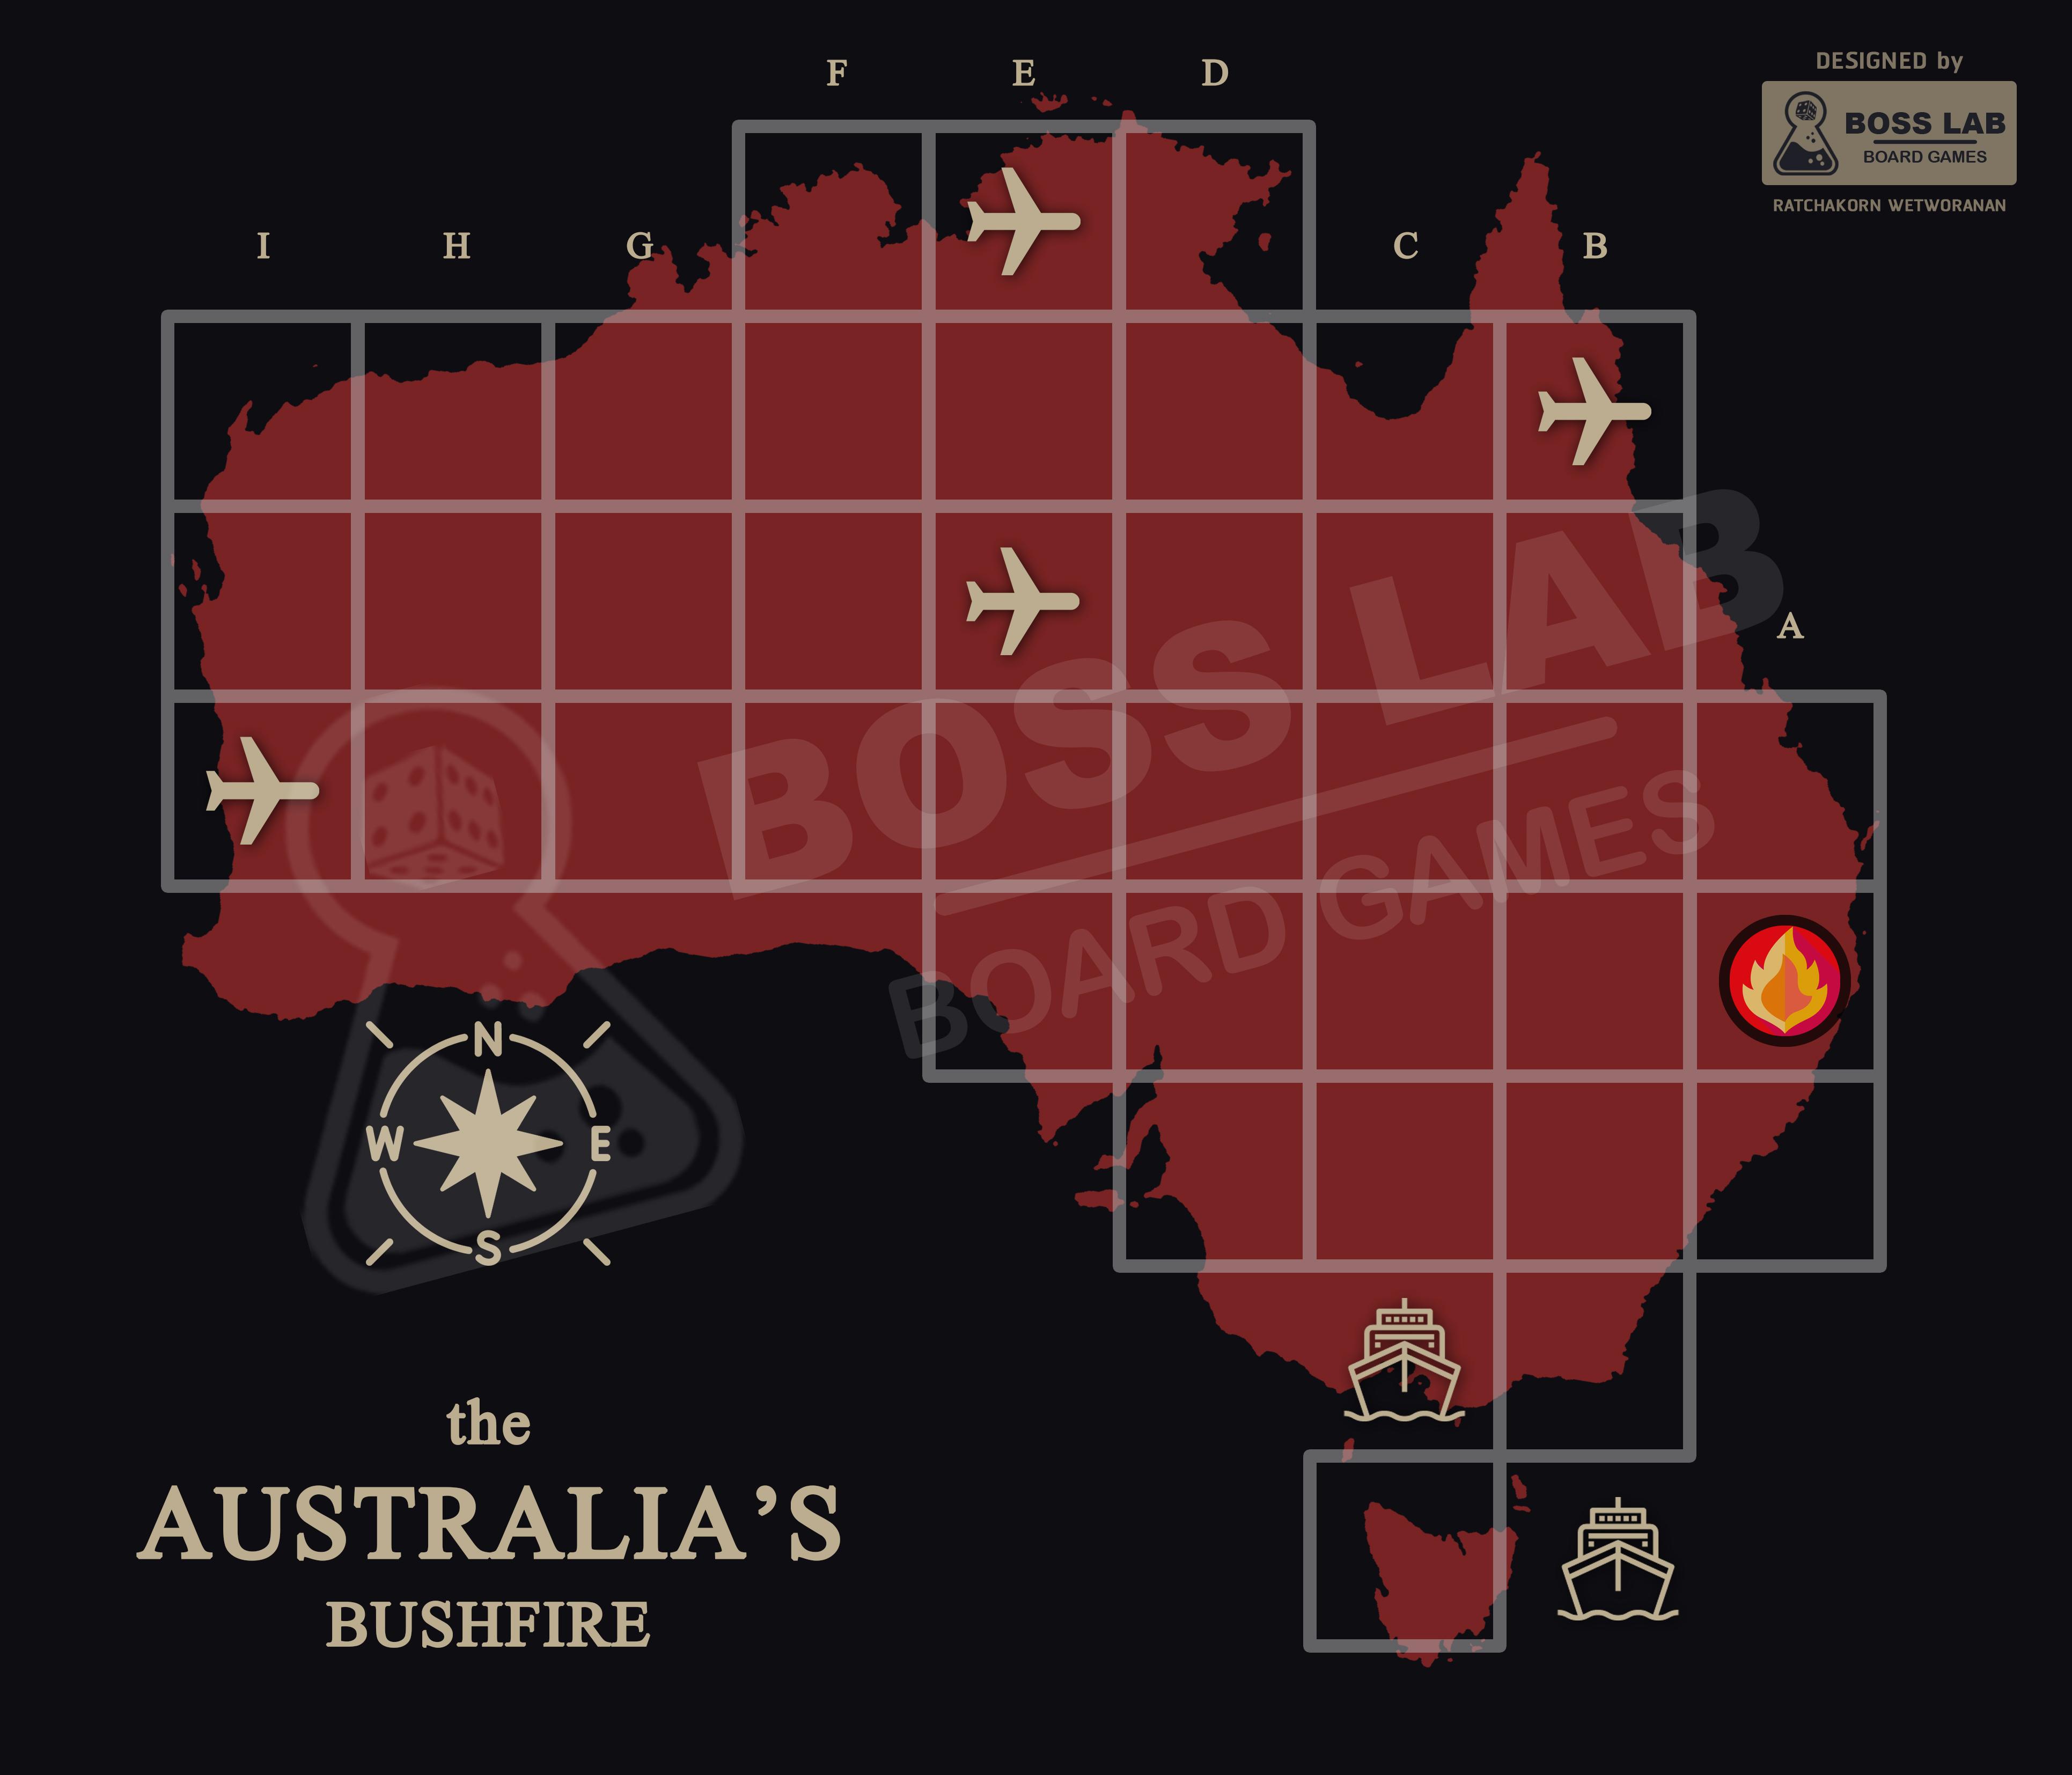 ภาพประกอบไอเดีย the Australia's Bushfire - เกมเรียนรู้ไฟป่า